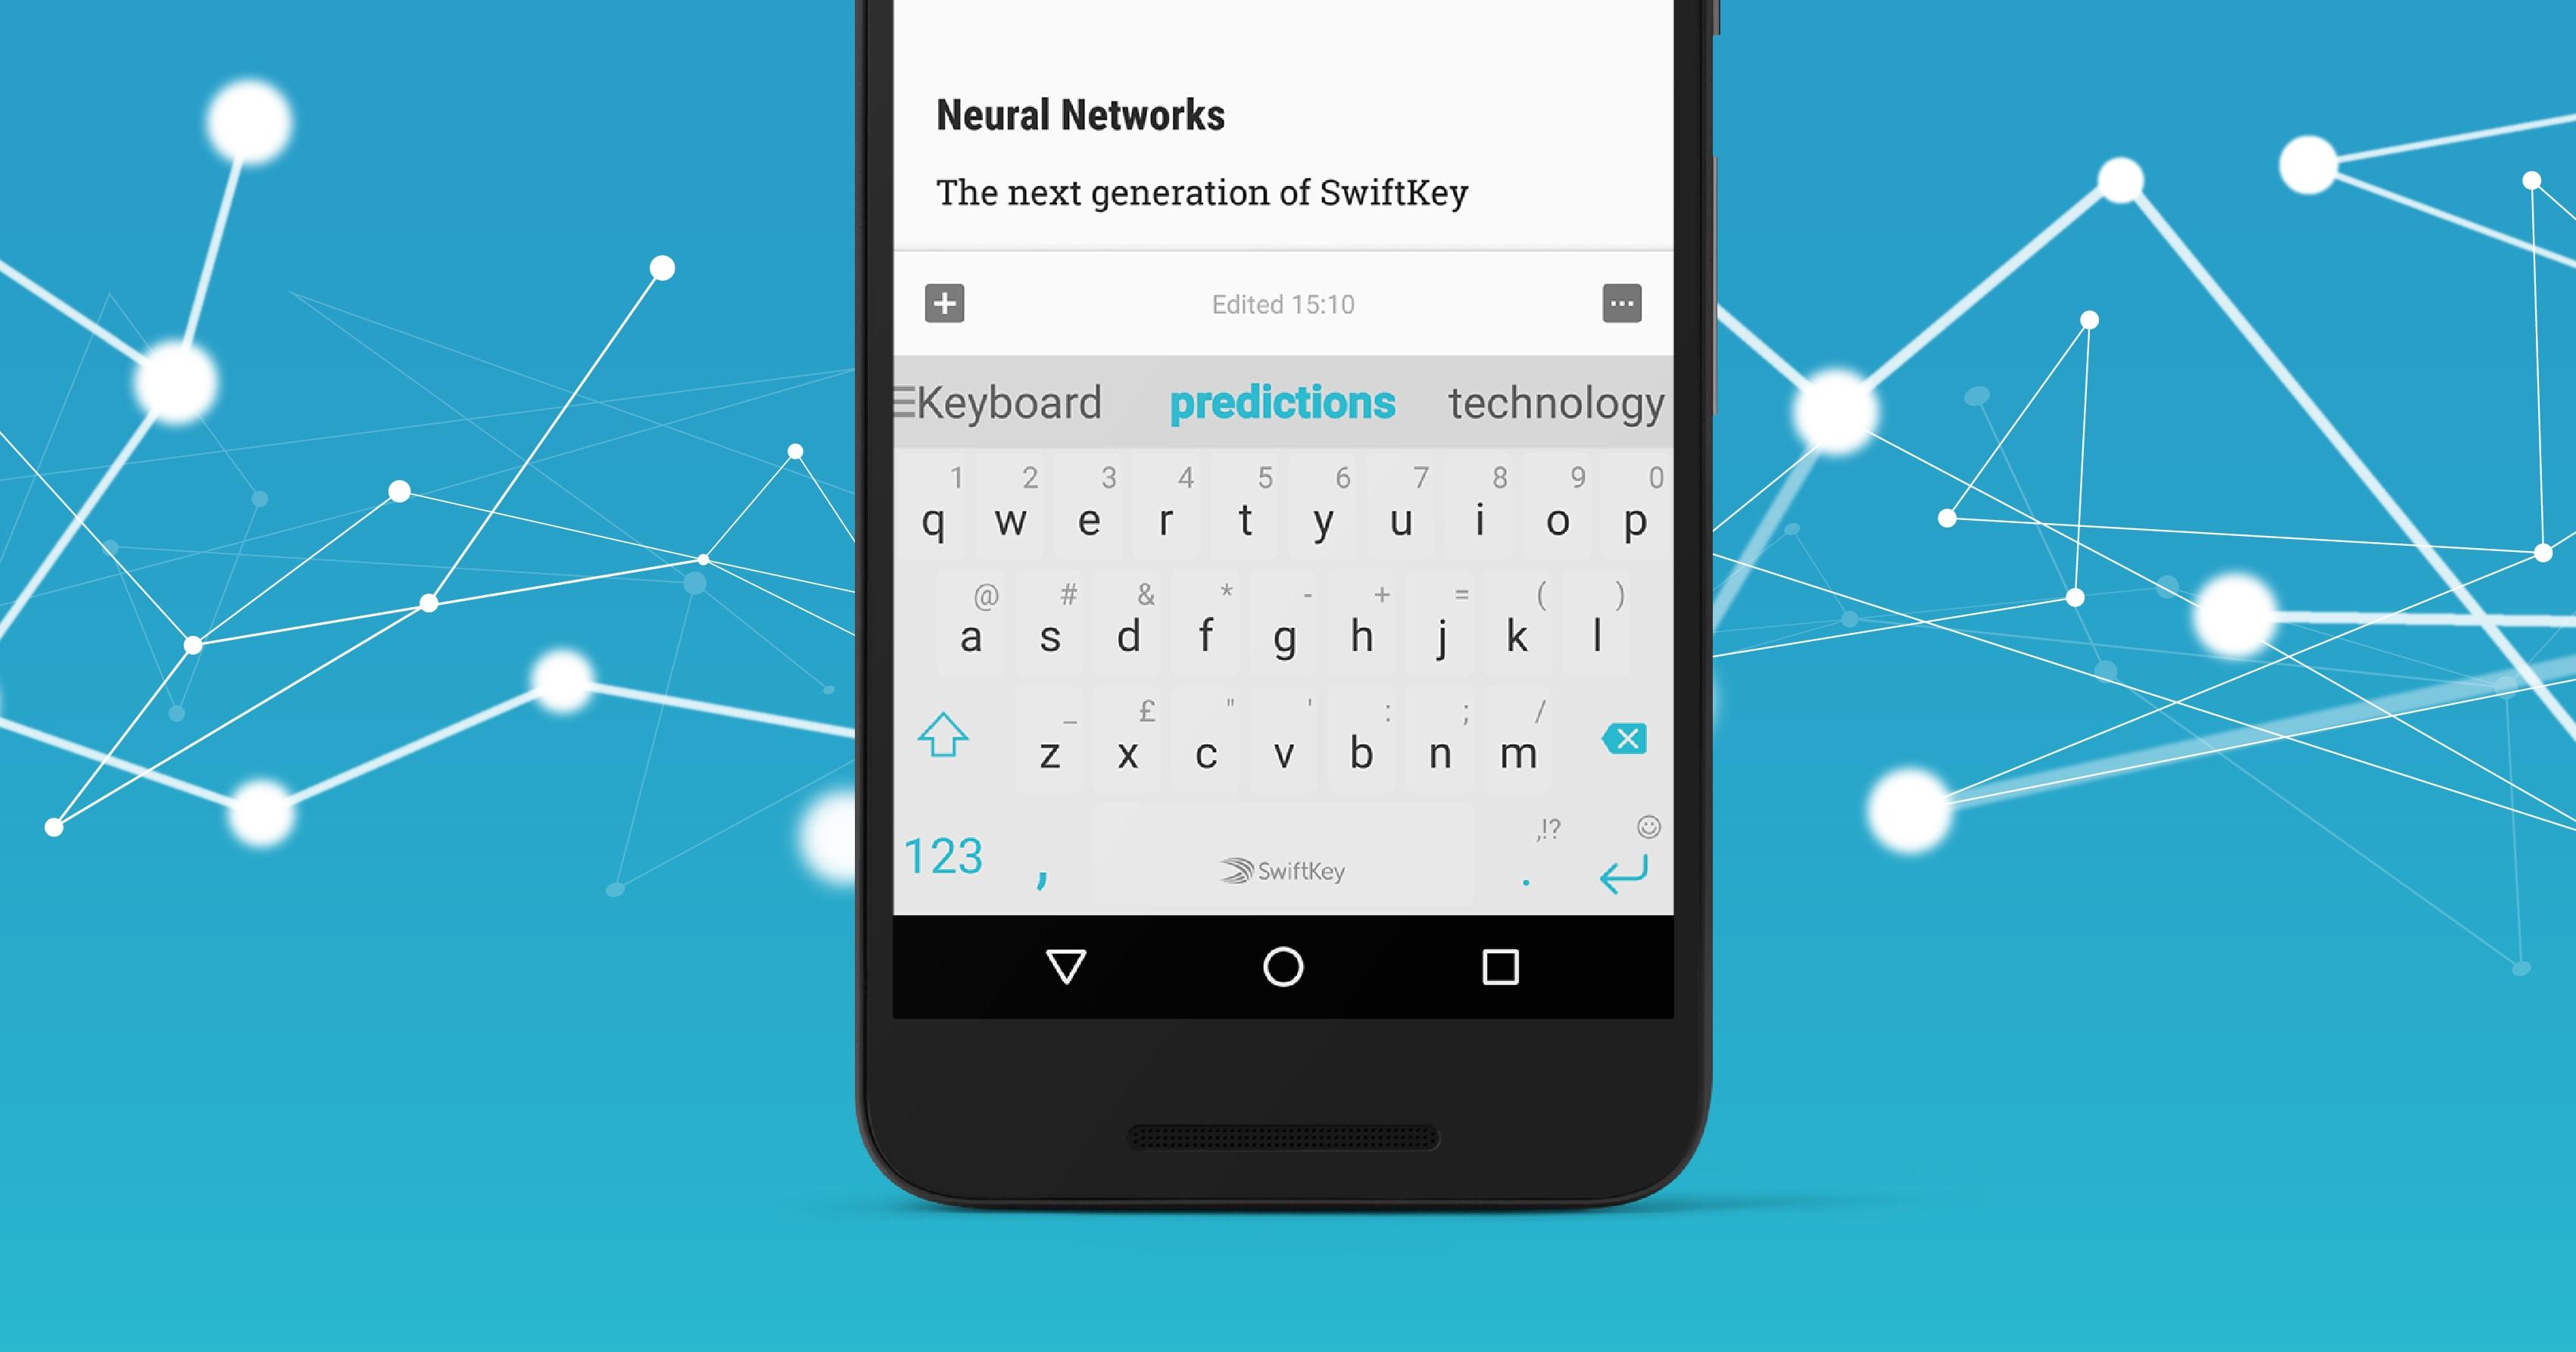 L'ultima versione di SwiftKey impiega (finalmente) le reti neurali: ecco come funziona (foto e video)